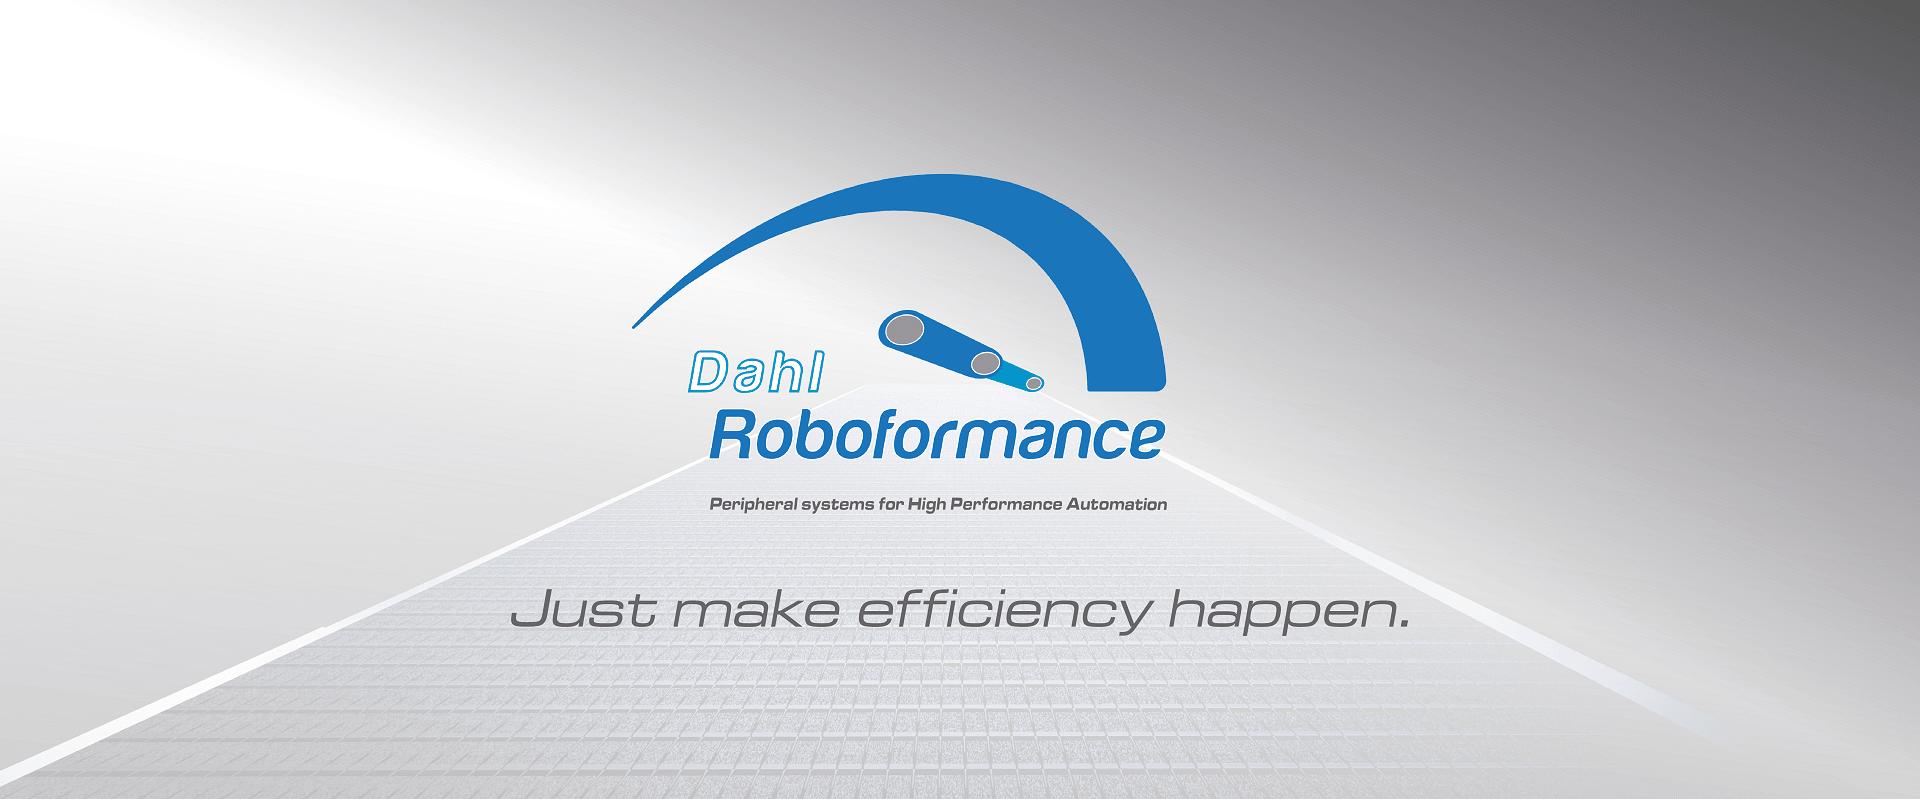 Dahl Roboformance ist die neue Marke für standardisierte Automatisierung mit Peripherie für kollaborierende Roboter oder konventionelle Robotik.